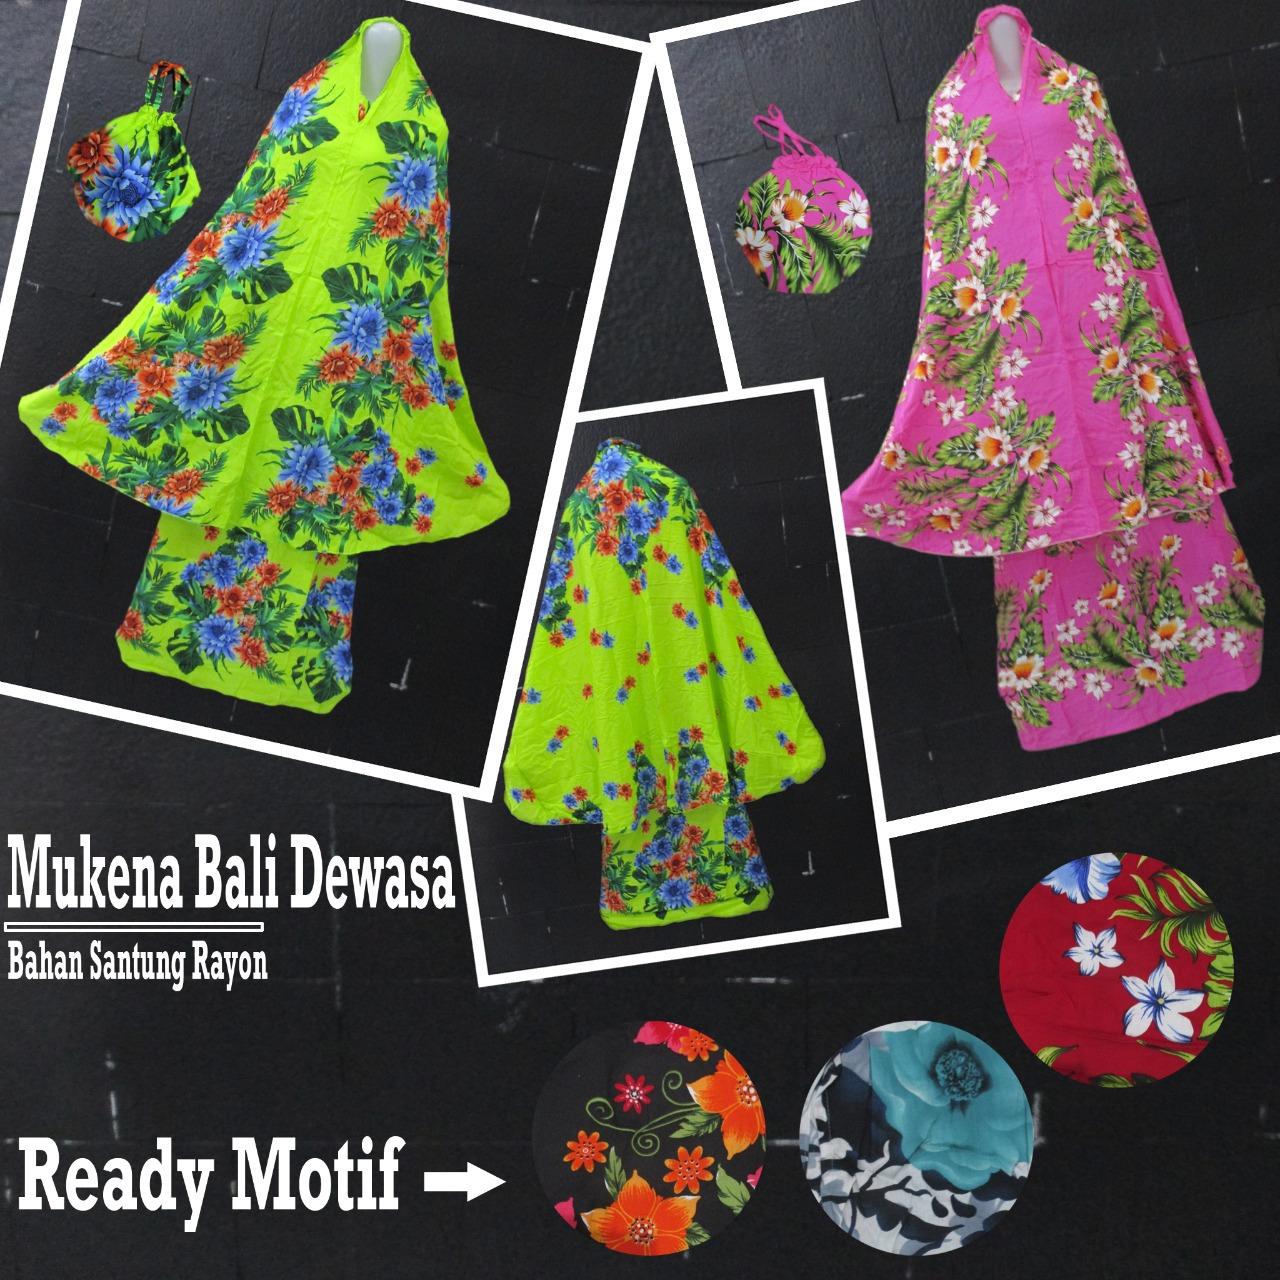 ObralanBaju.com Obral Baju Pakaian Murah Meriah 5000 Mukena Bali Dewasa